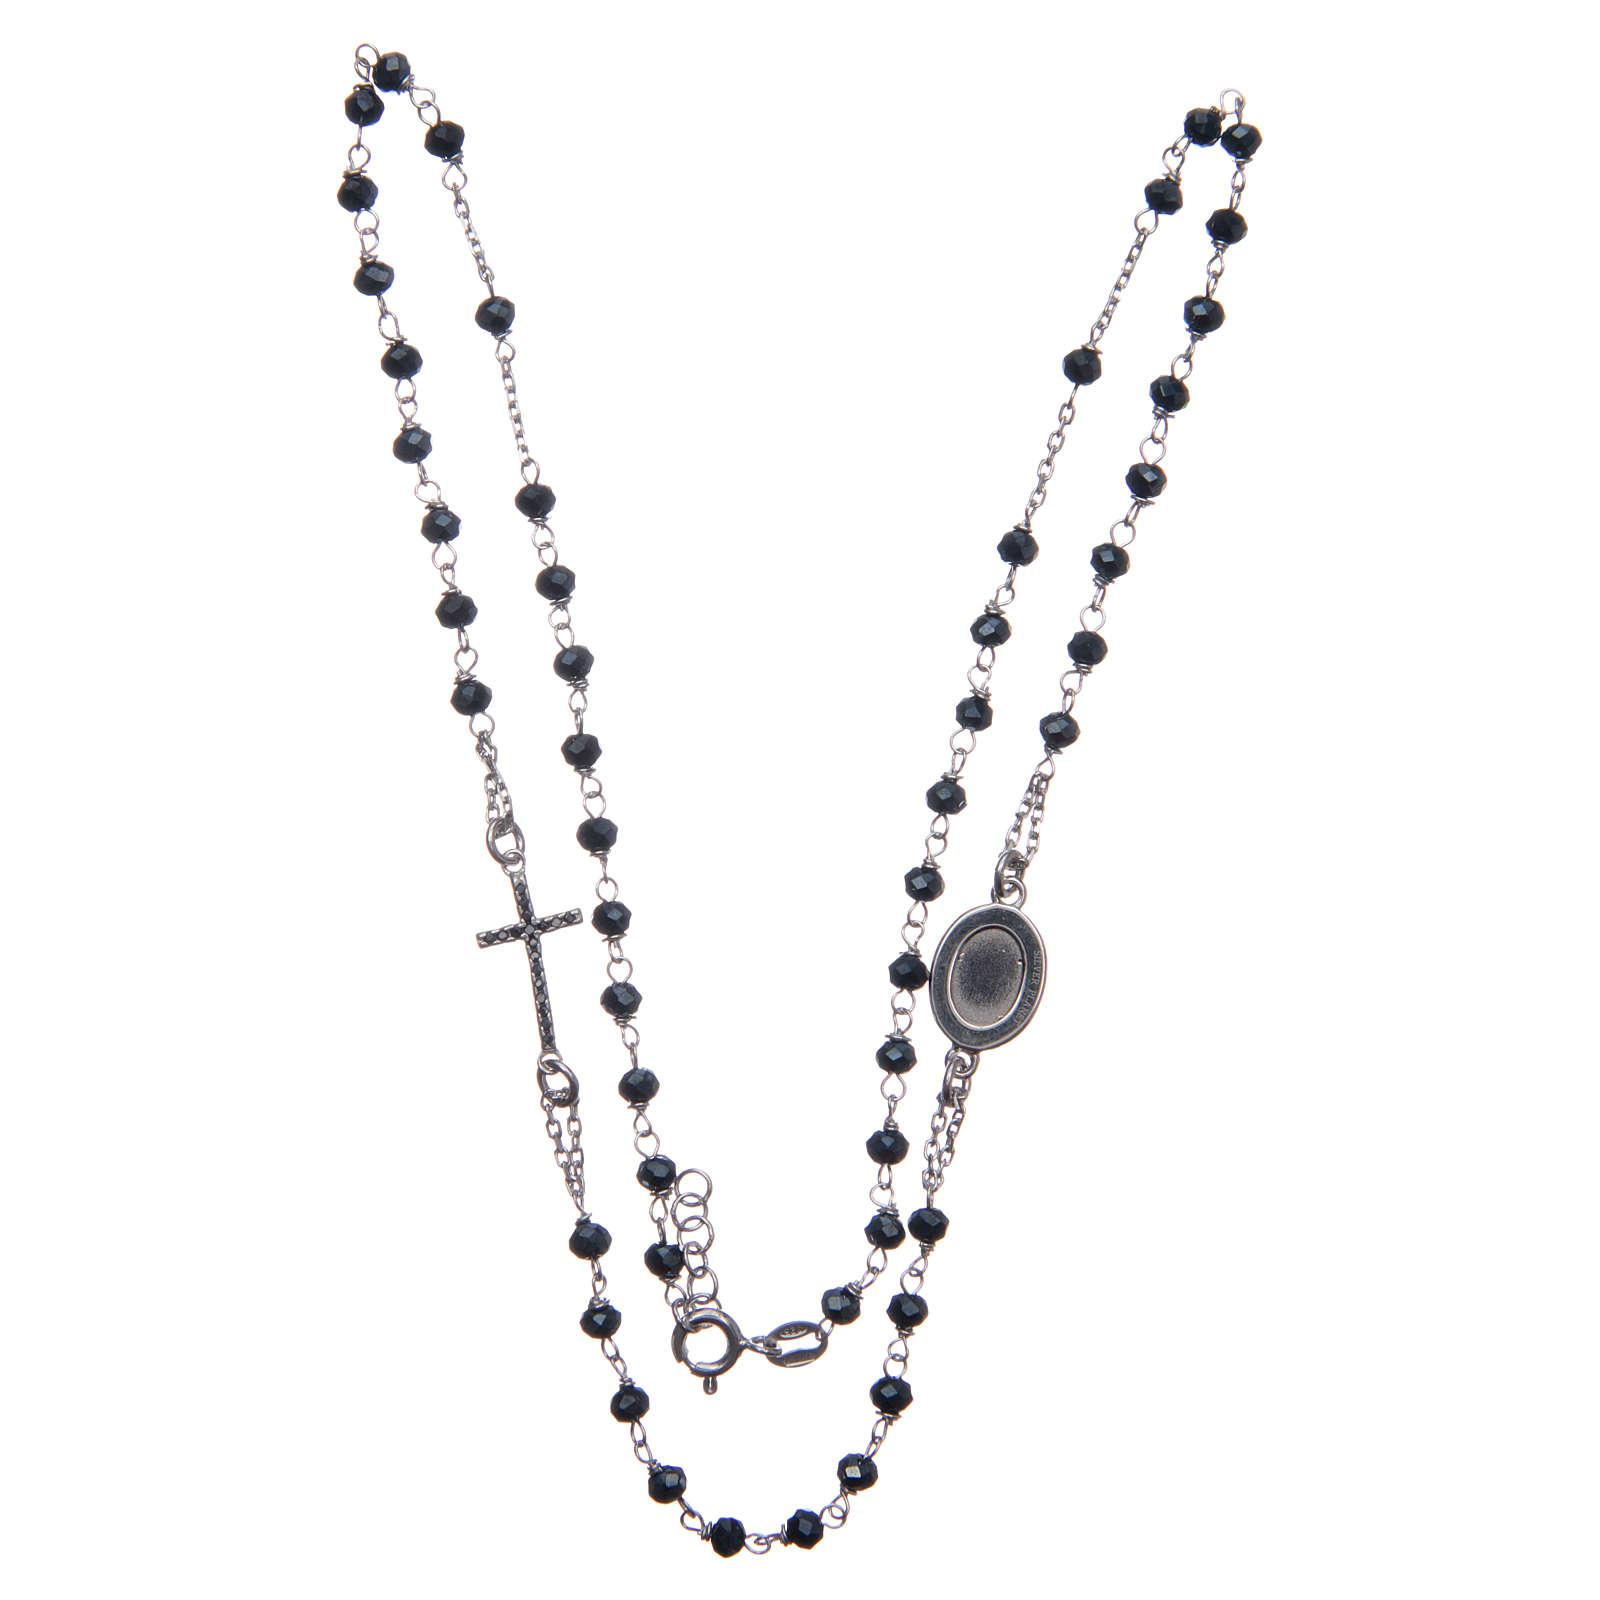 Rosario collar Padre Pío azul circones negros plata 925 4